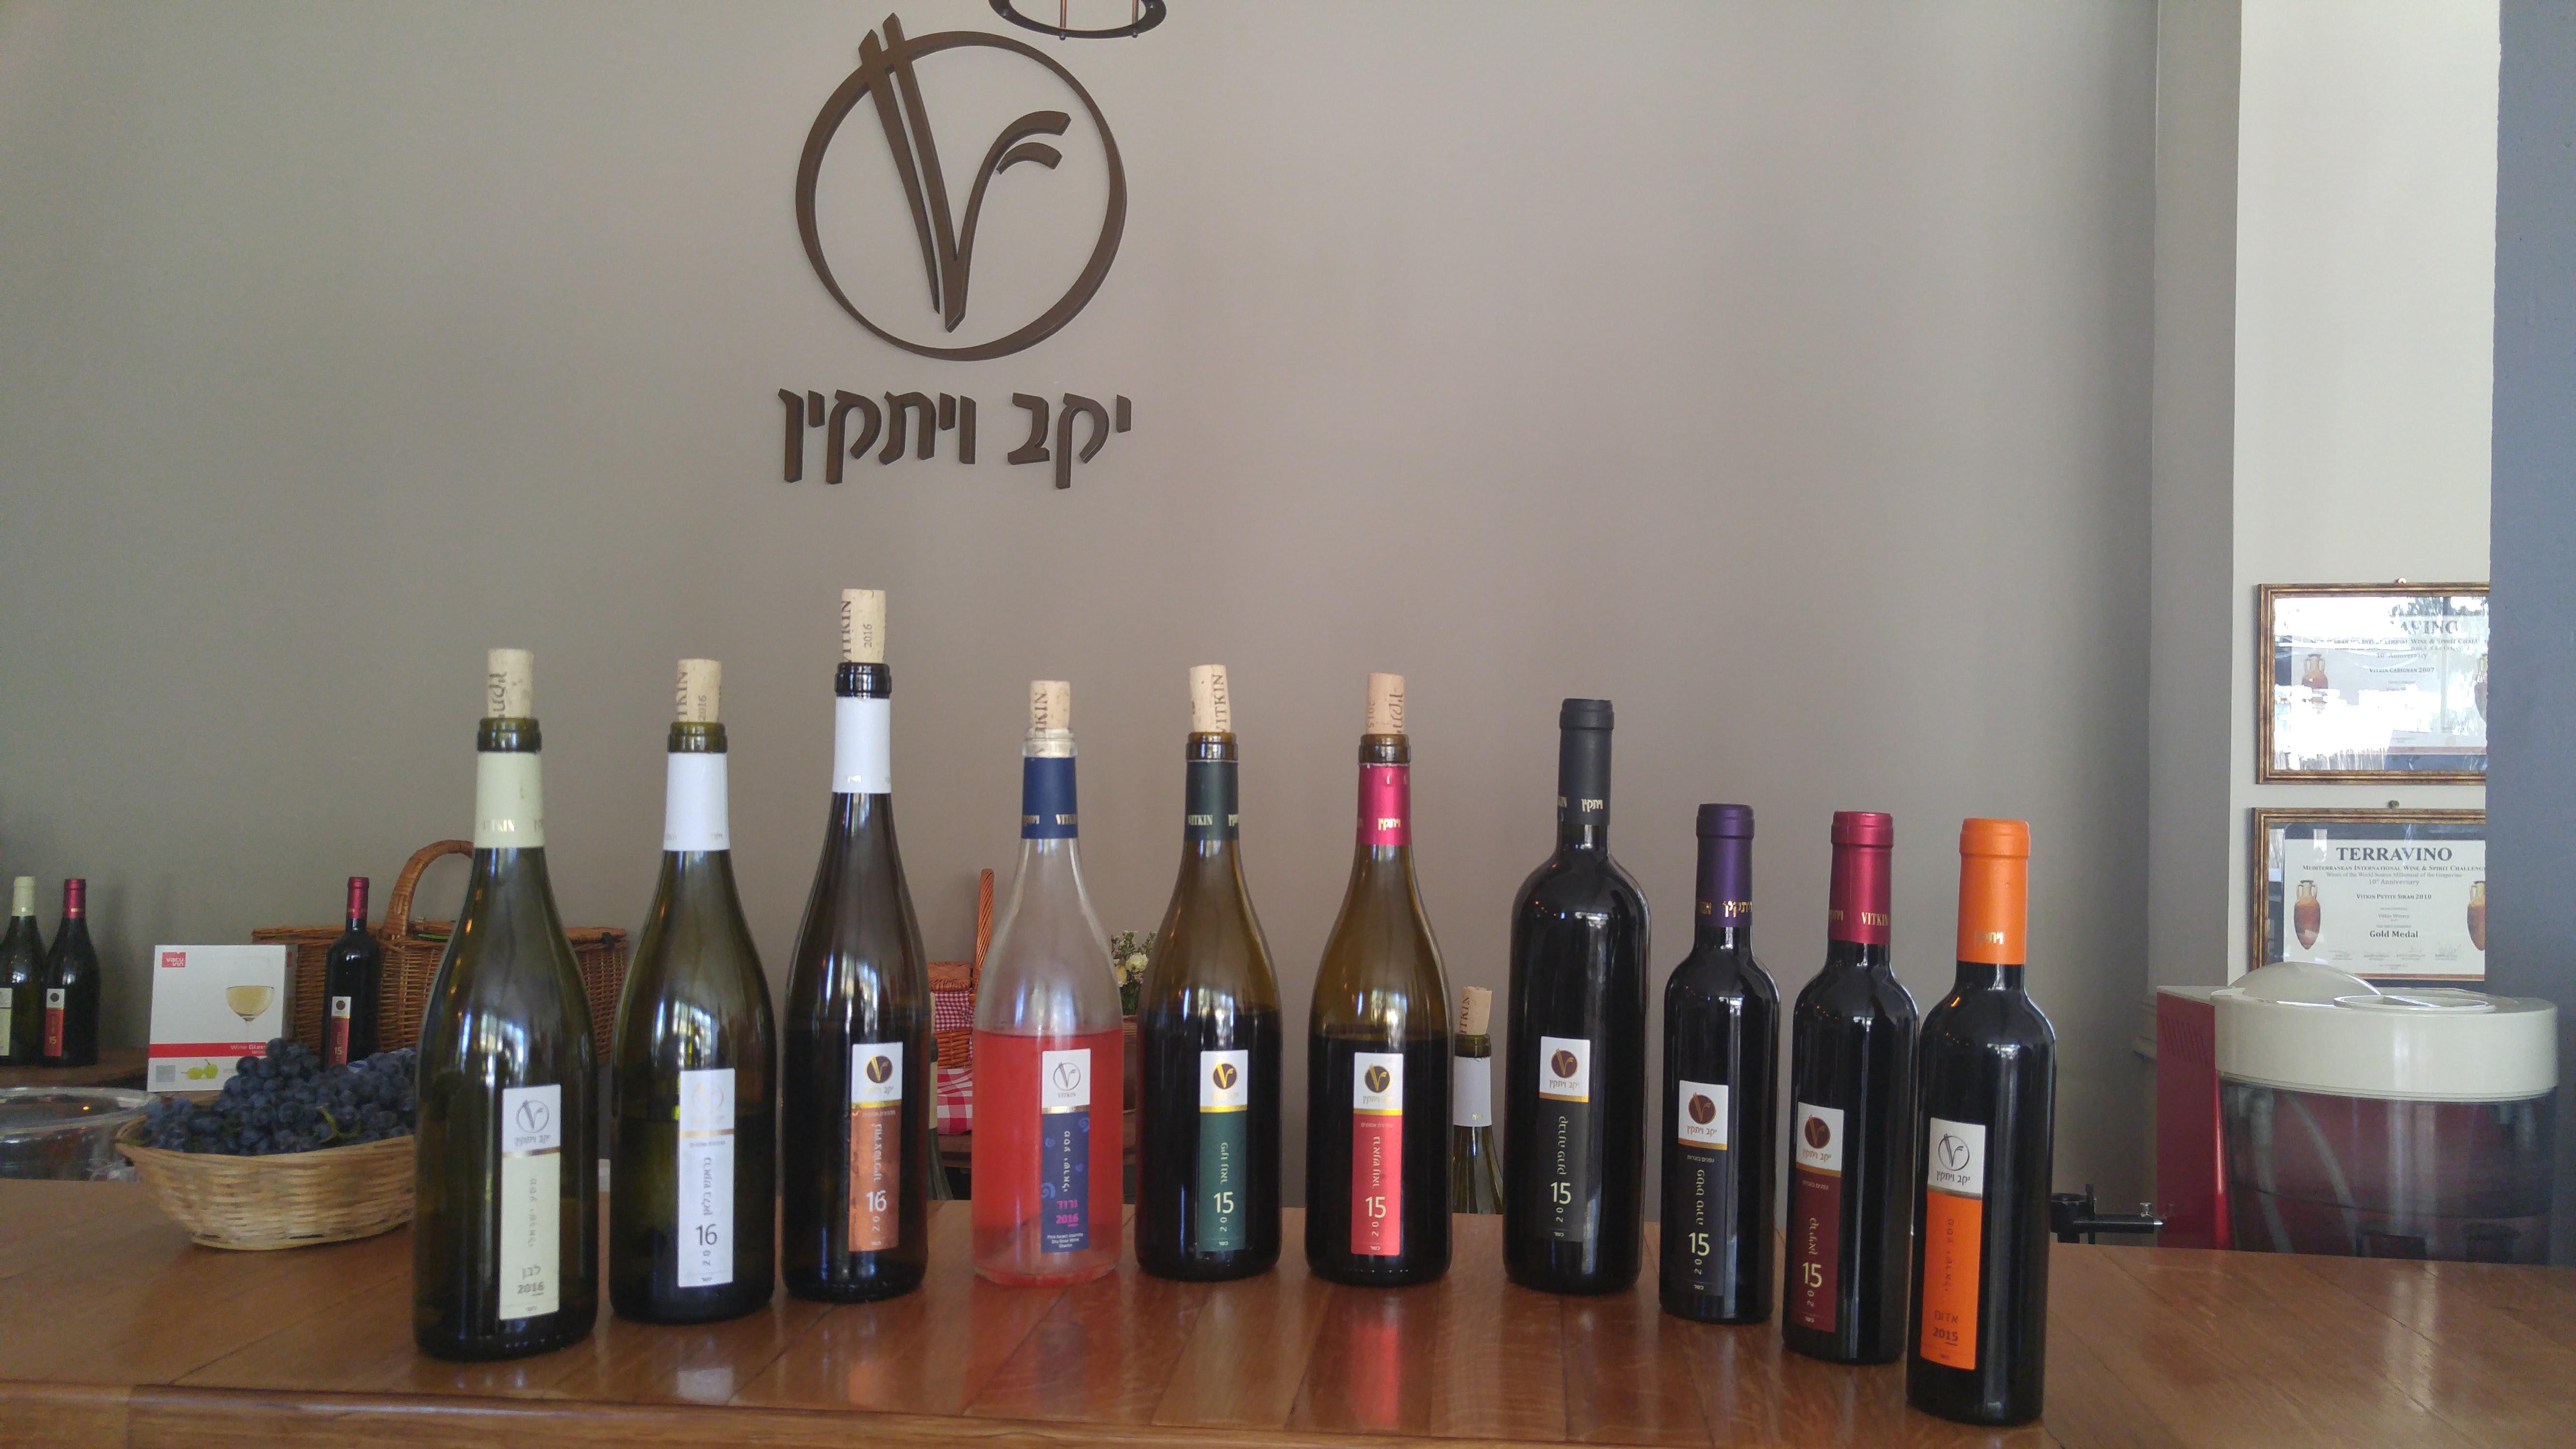 2016 Vitkin Israeli Journey, White, 2016 Vitkin Grenache Blanc, Vitkin Gewurztraminer, 2016 Vitkin Israeli Journey pink, 2015 Vitkin Pinot Noir, Vitkin Grenache, Vitkin Cabernet Franc, V